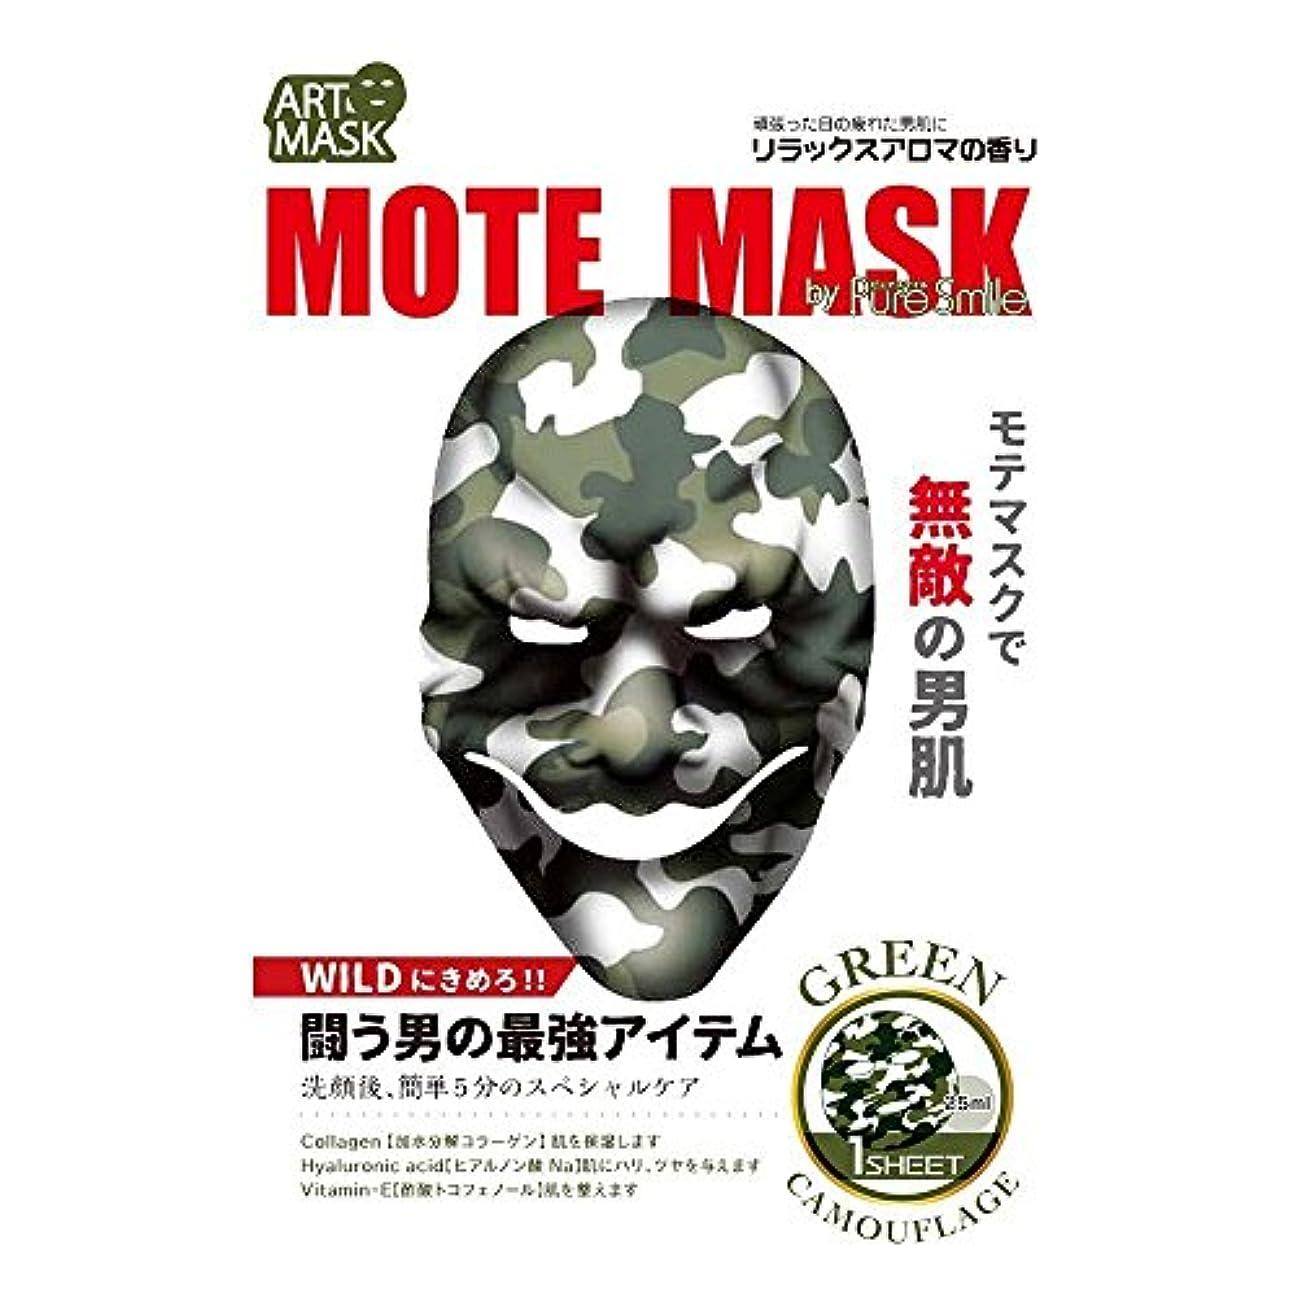 安息それぞれ毎日ピュアスマイル モテマスク ブラックカモフラージュ MA03 【クール】